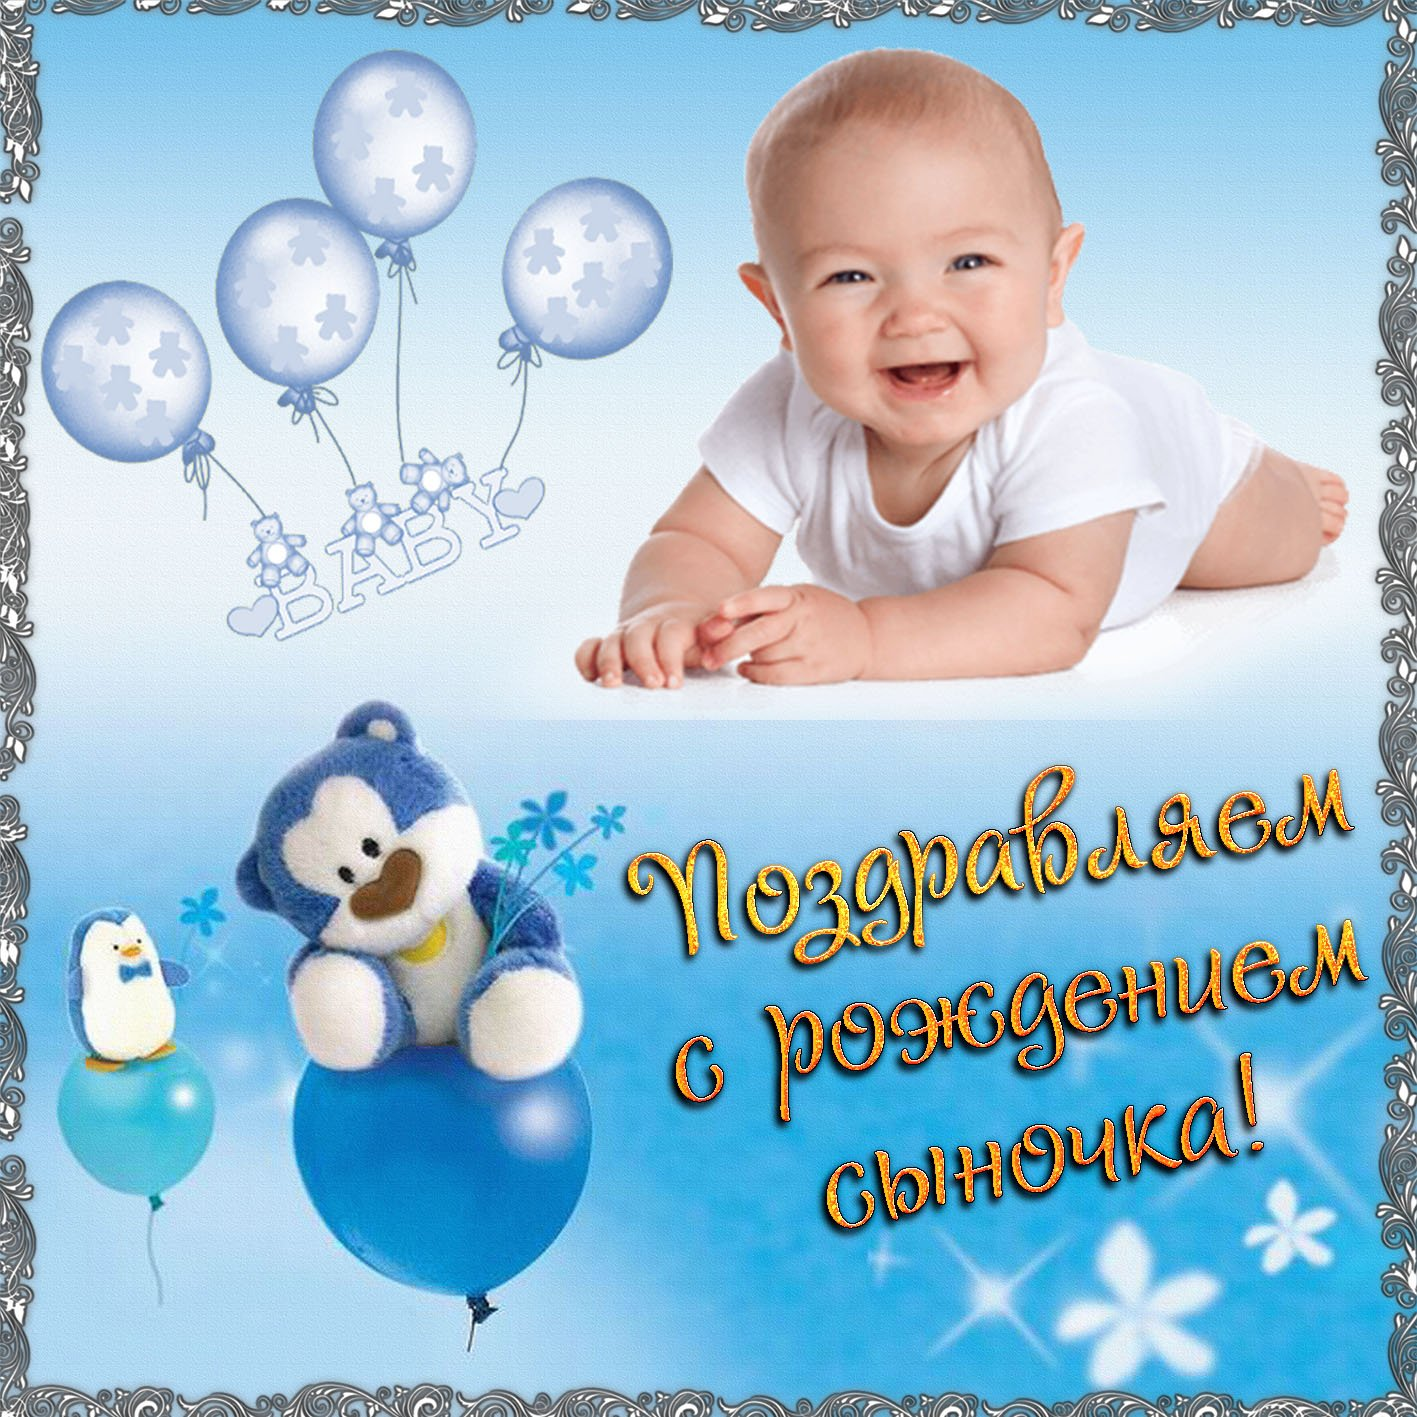 Открытка с поздравлениями рождения сына фото, открытки днем